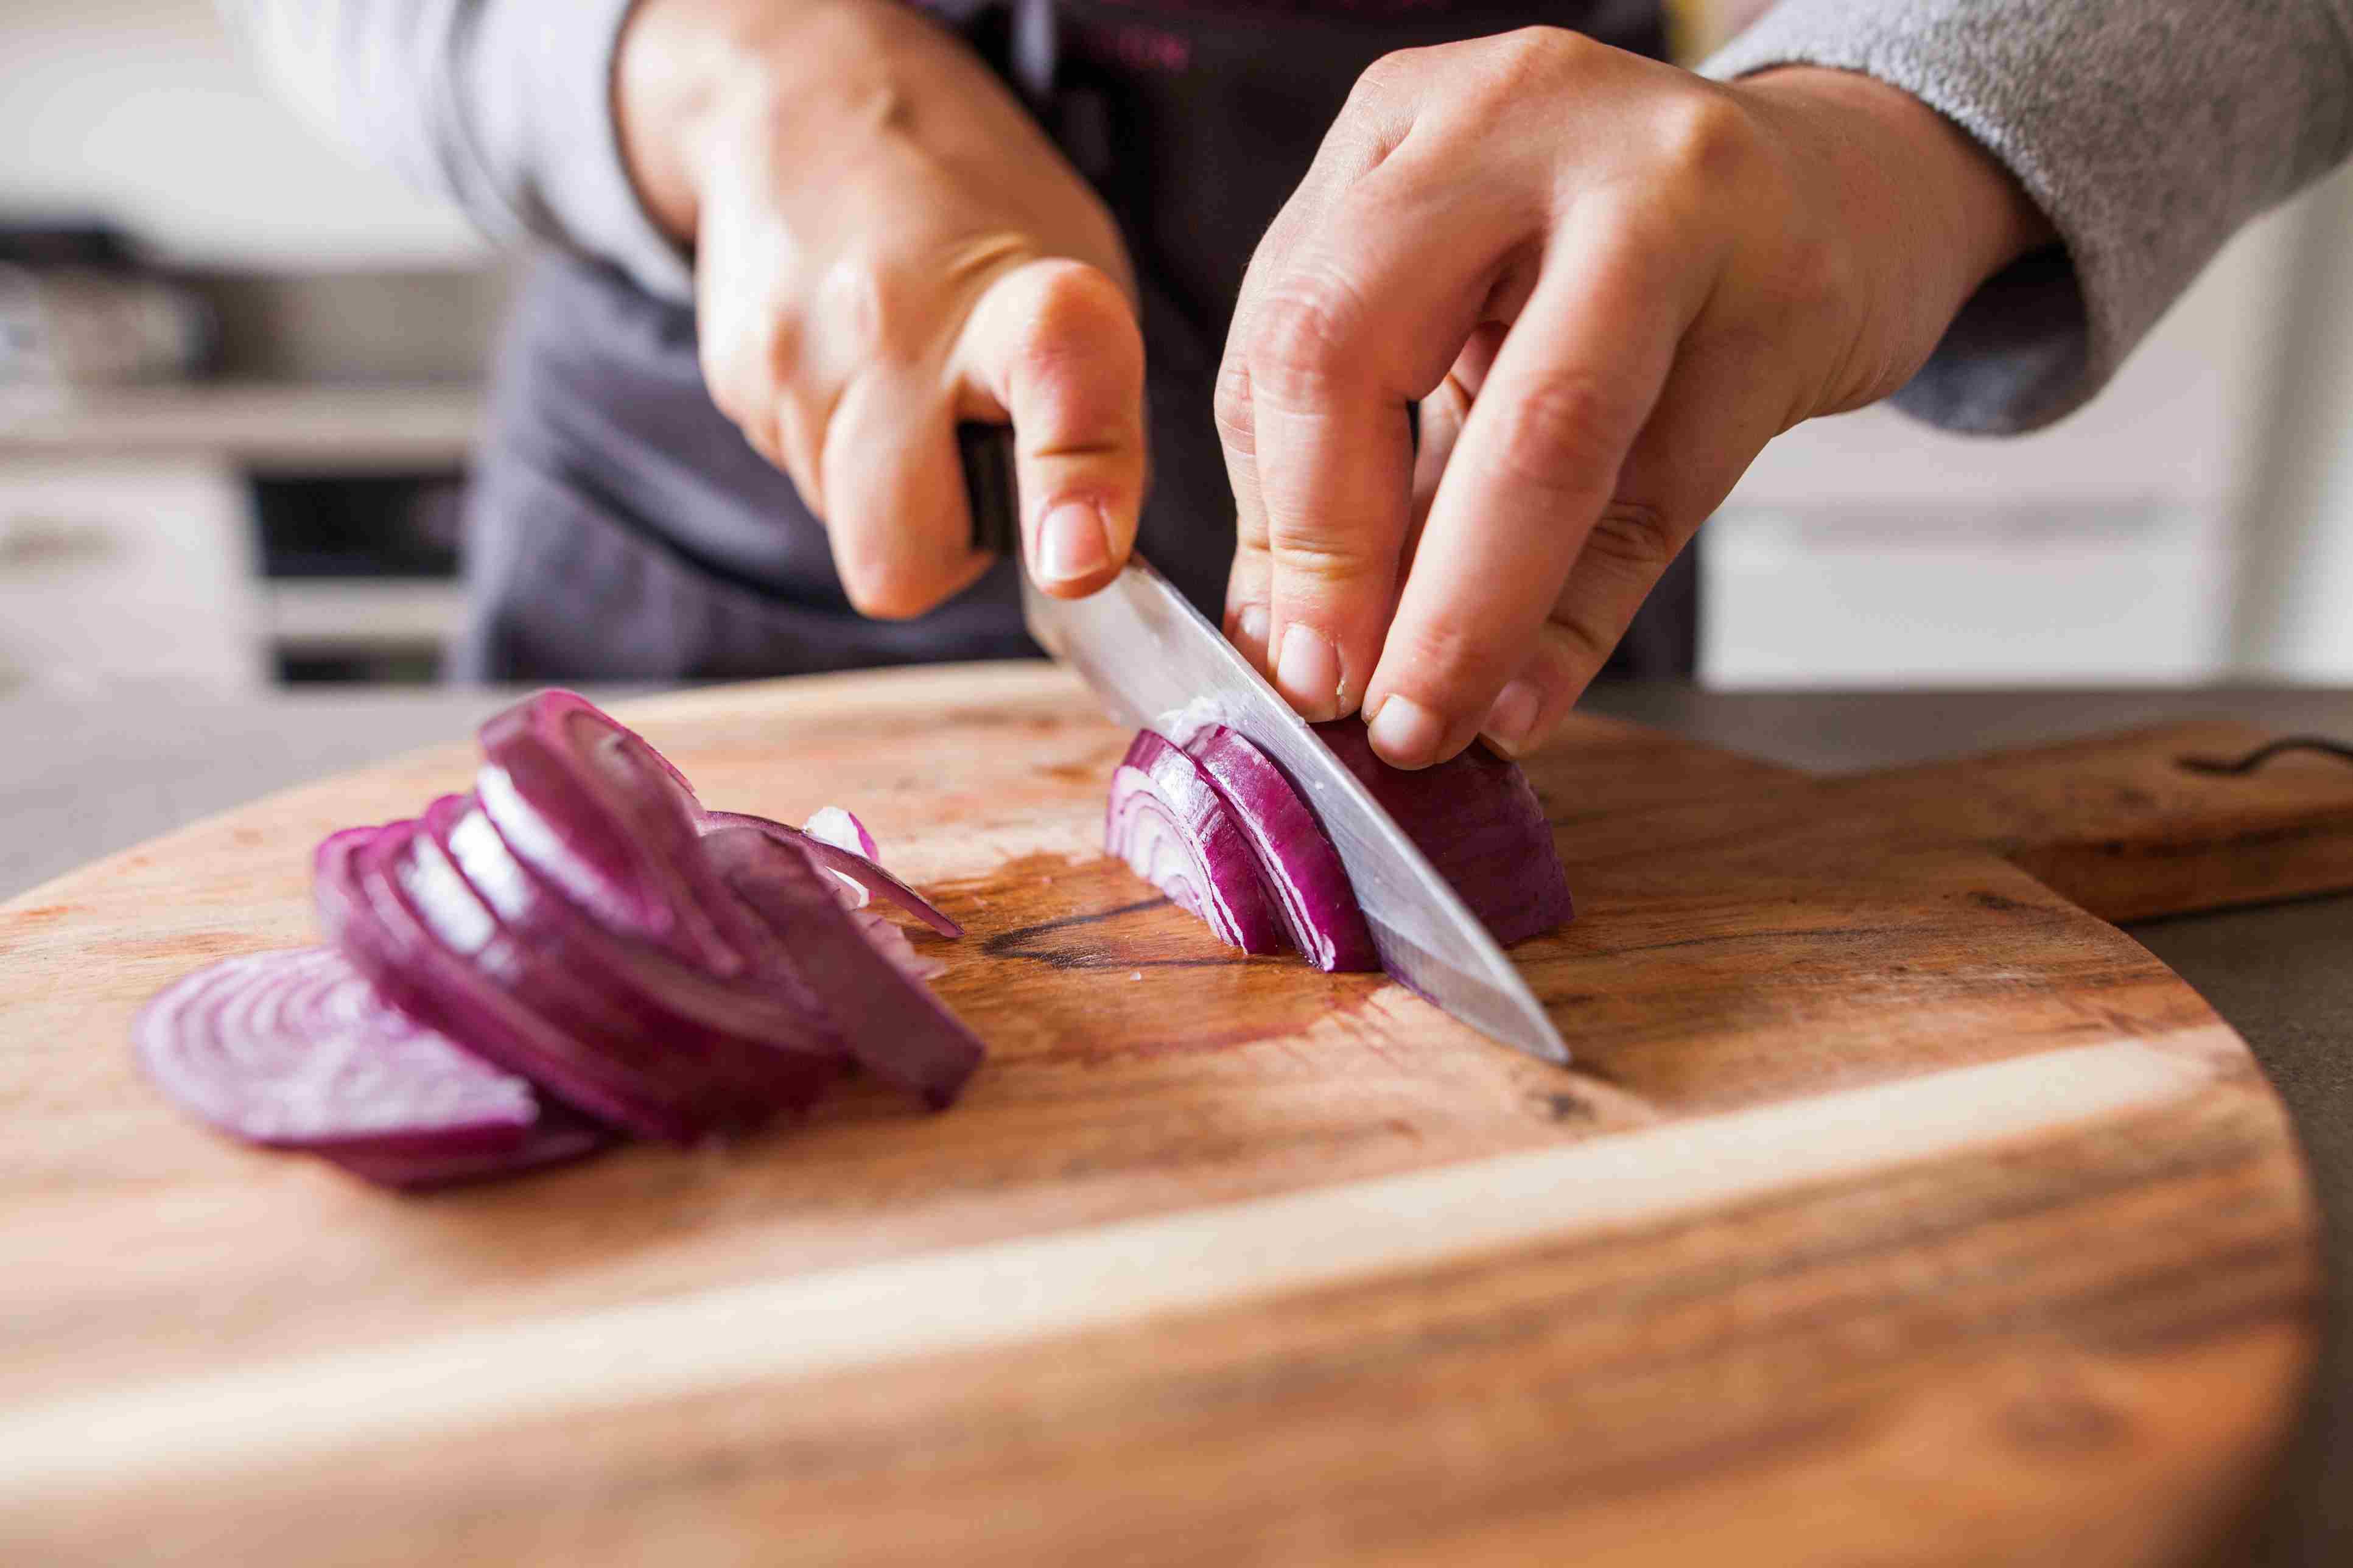 Cutting onions on a cutting board